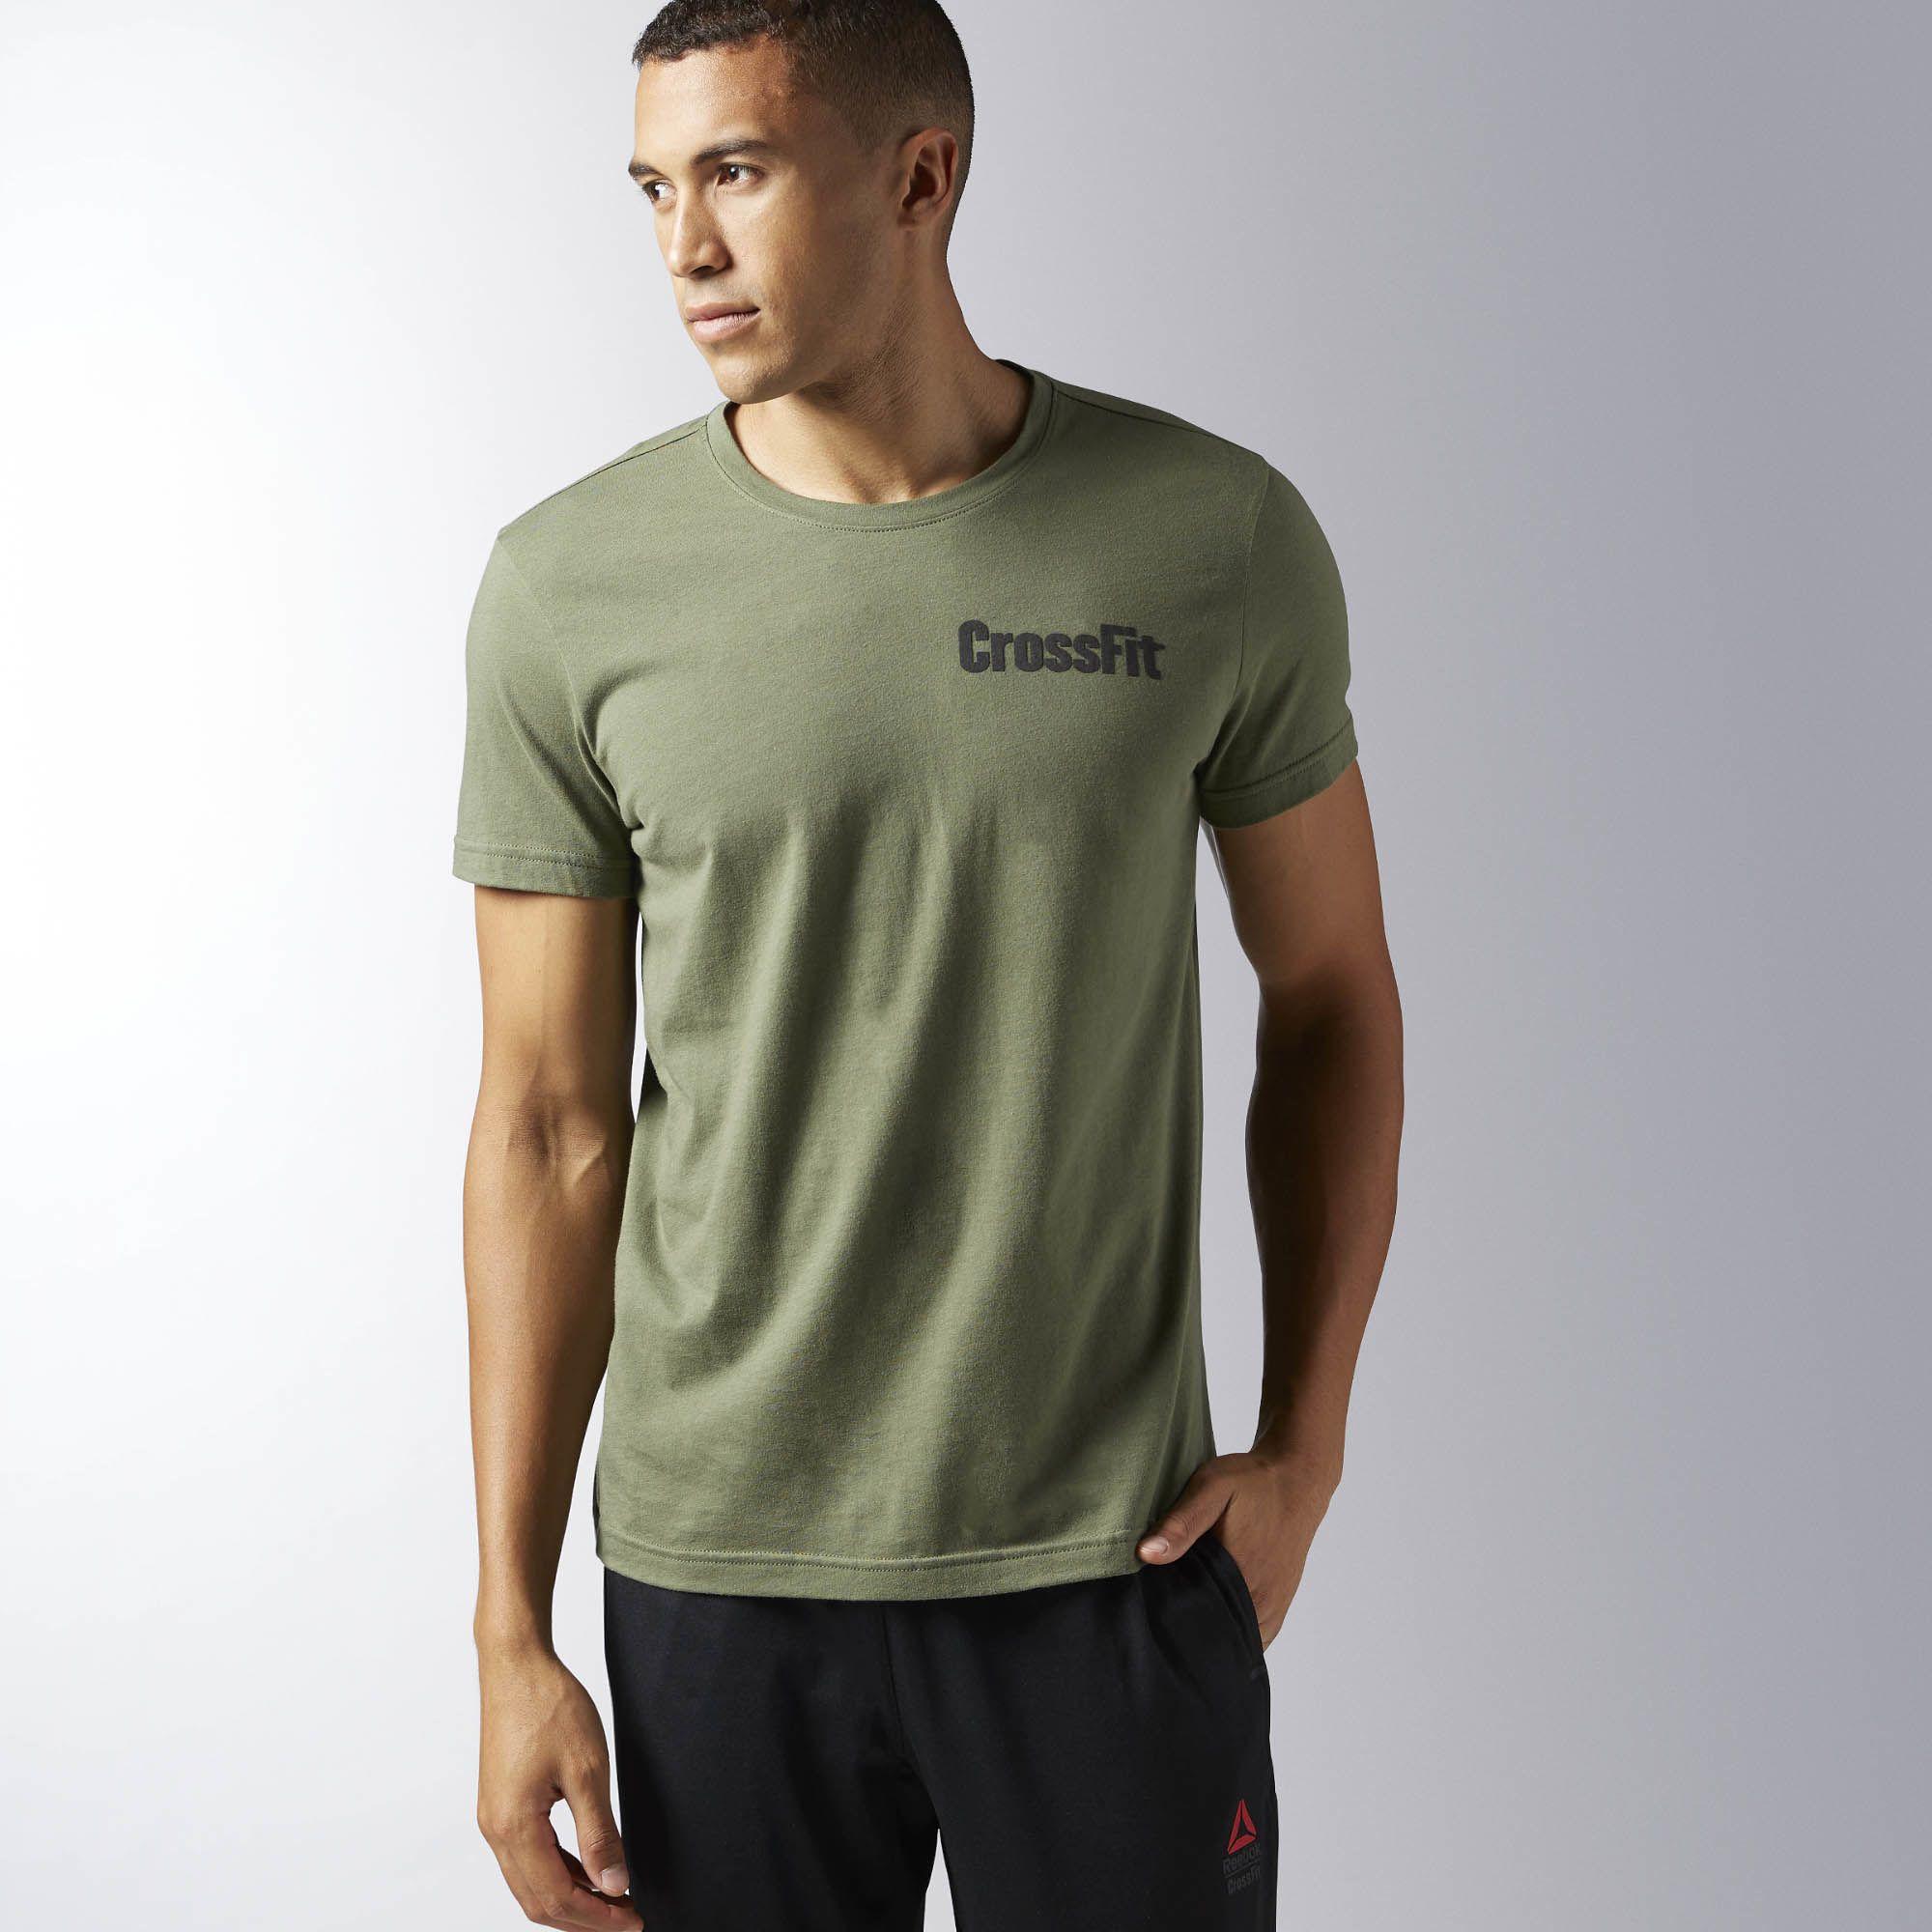 REEBOK Pánské tričko CROSSFIT ATHENA - zelené